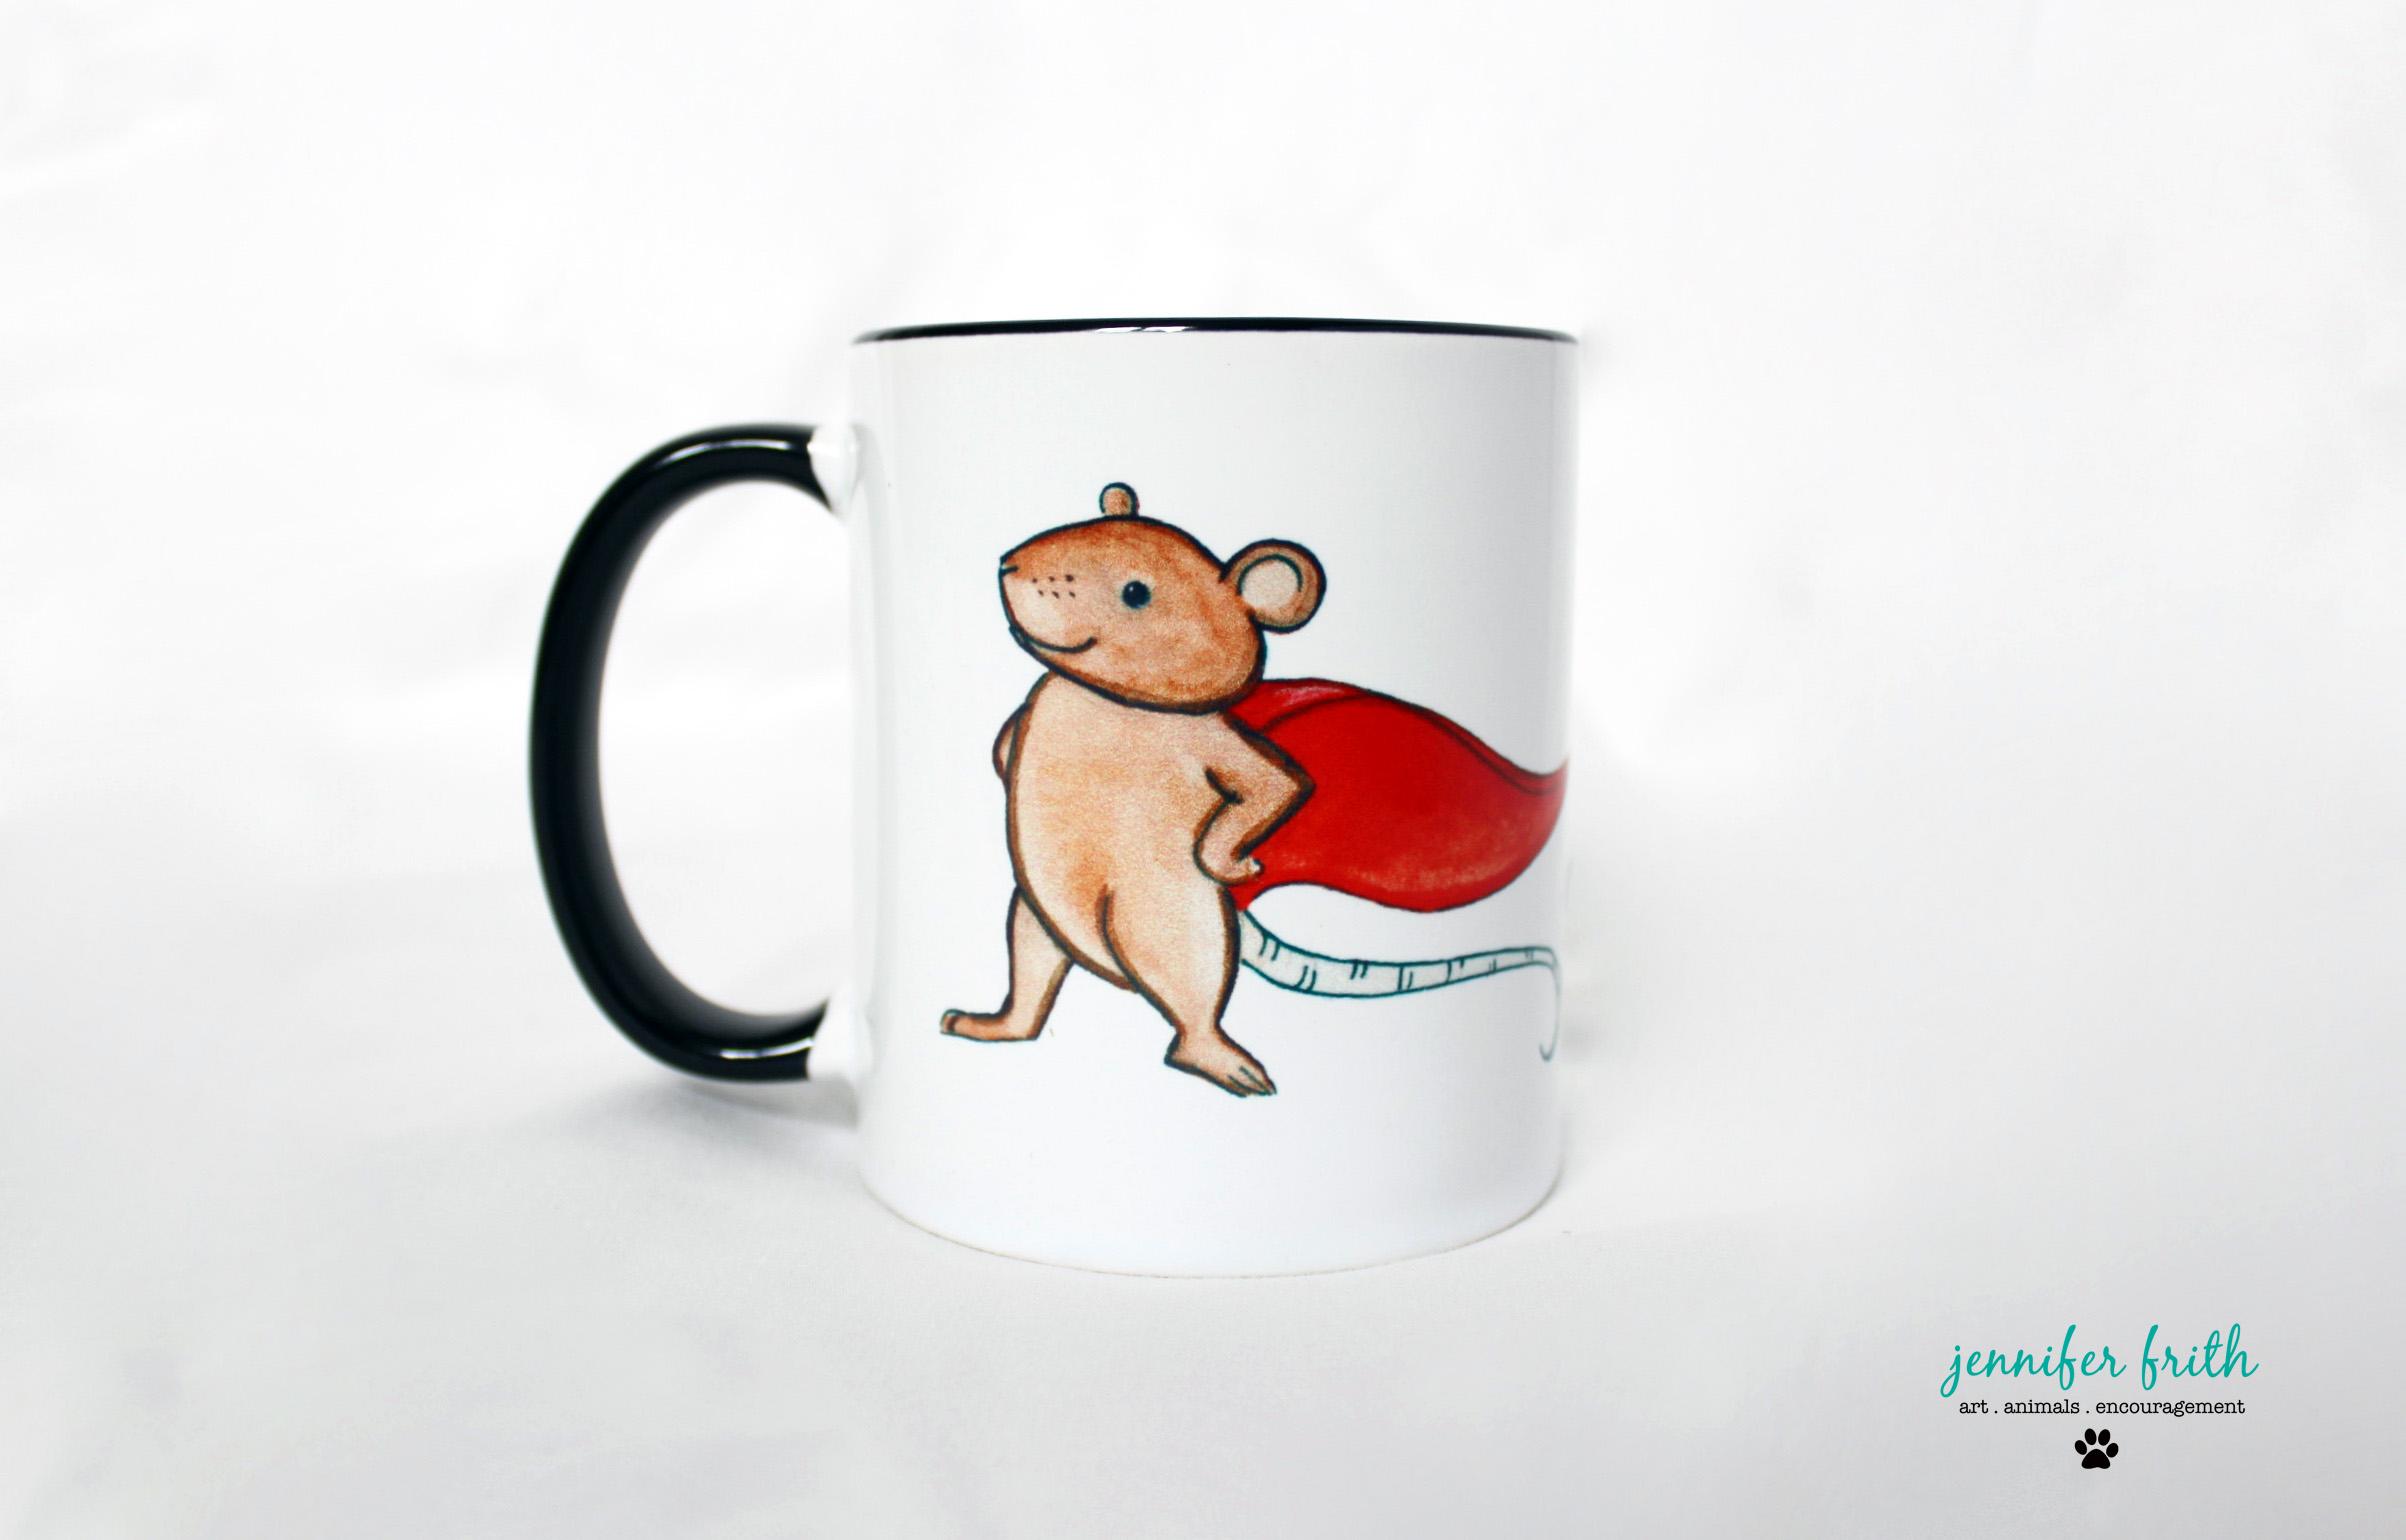 Jennifer_Frith_Illustrator_mug_mouse